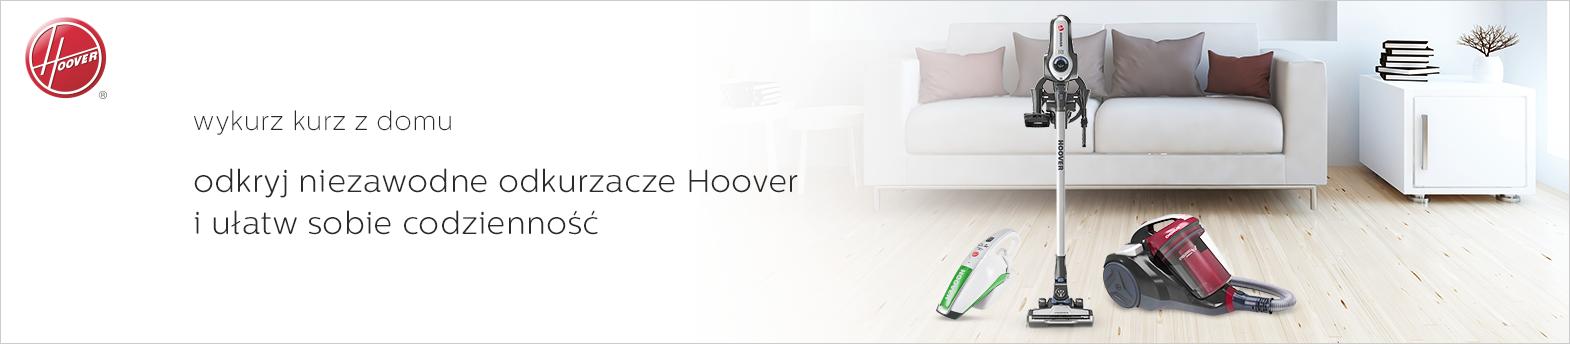 Niezawodne odkurzacze Hoover